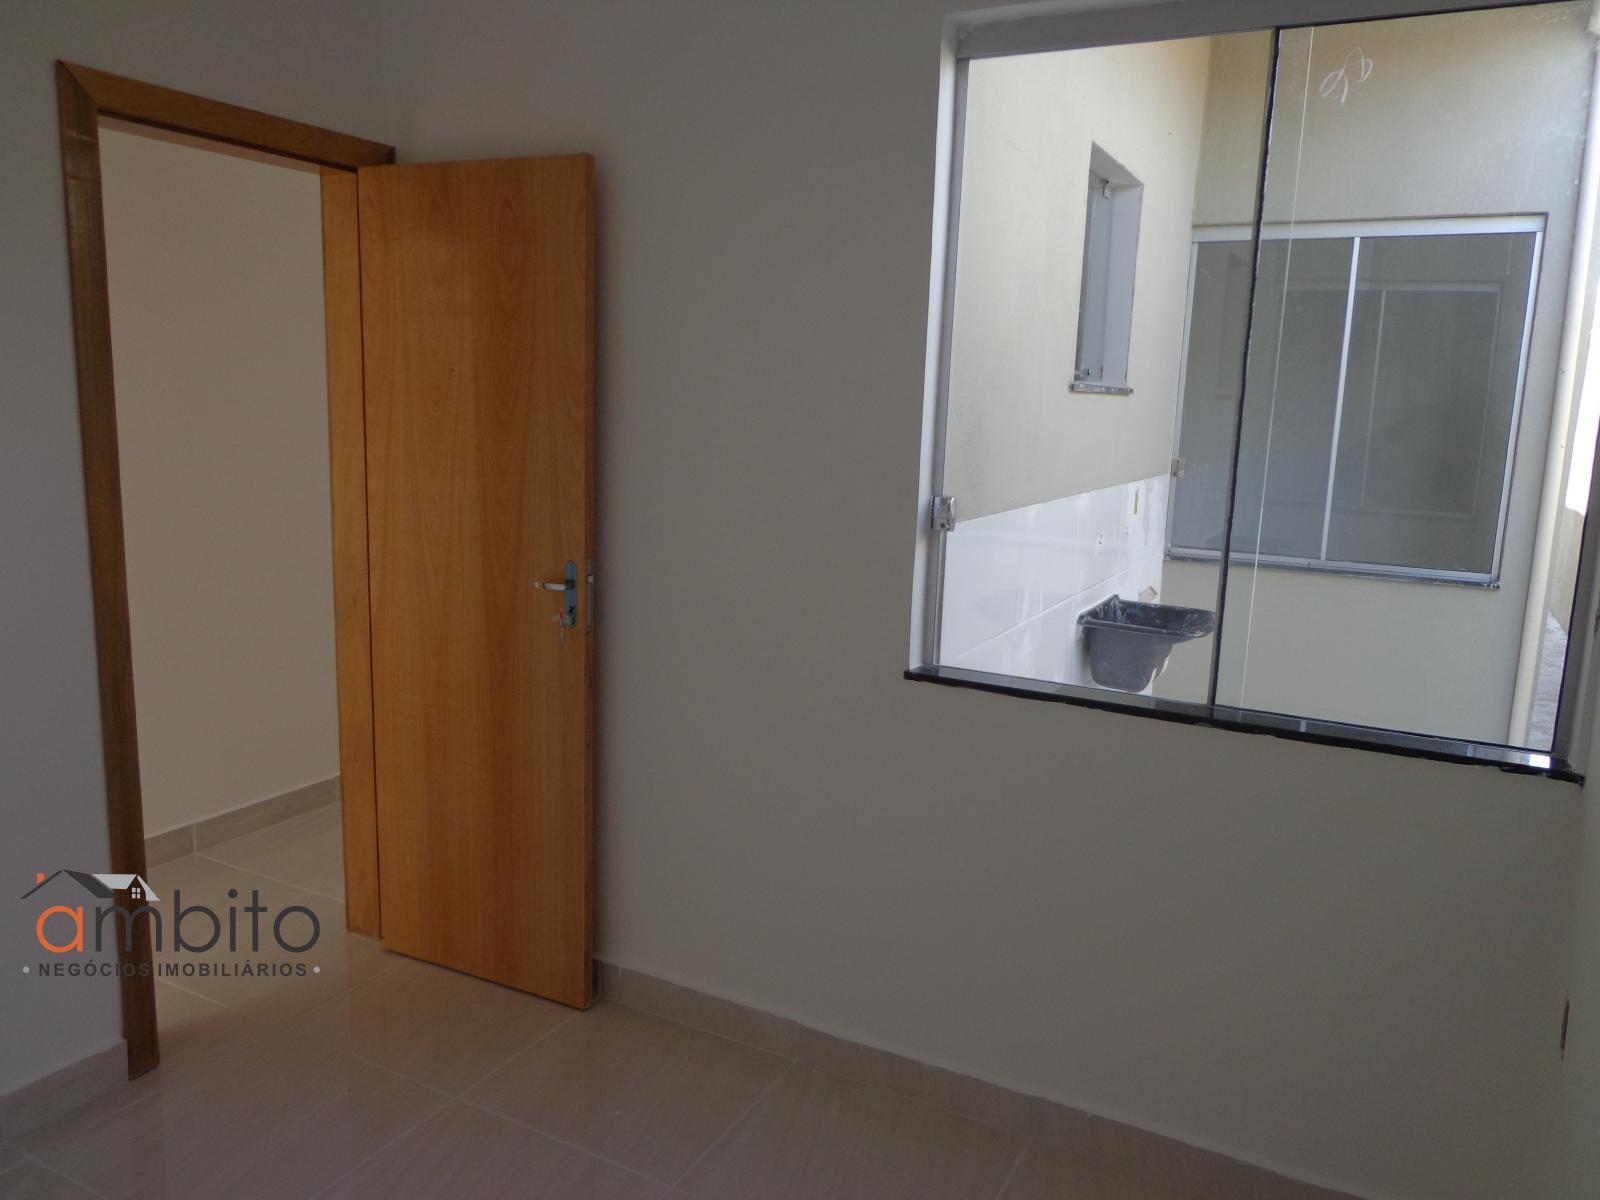 Casa - Foto 14 de 21